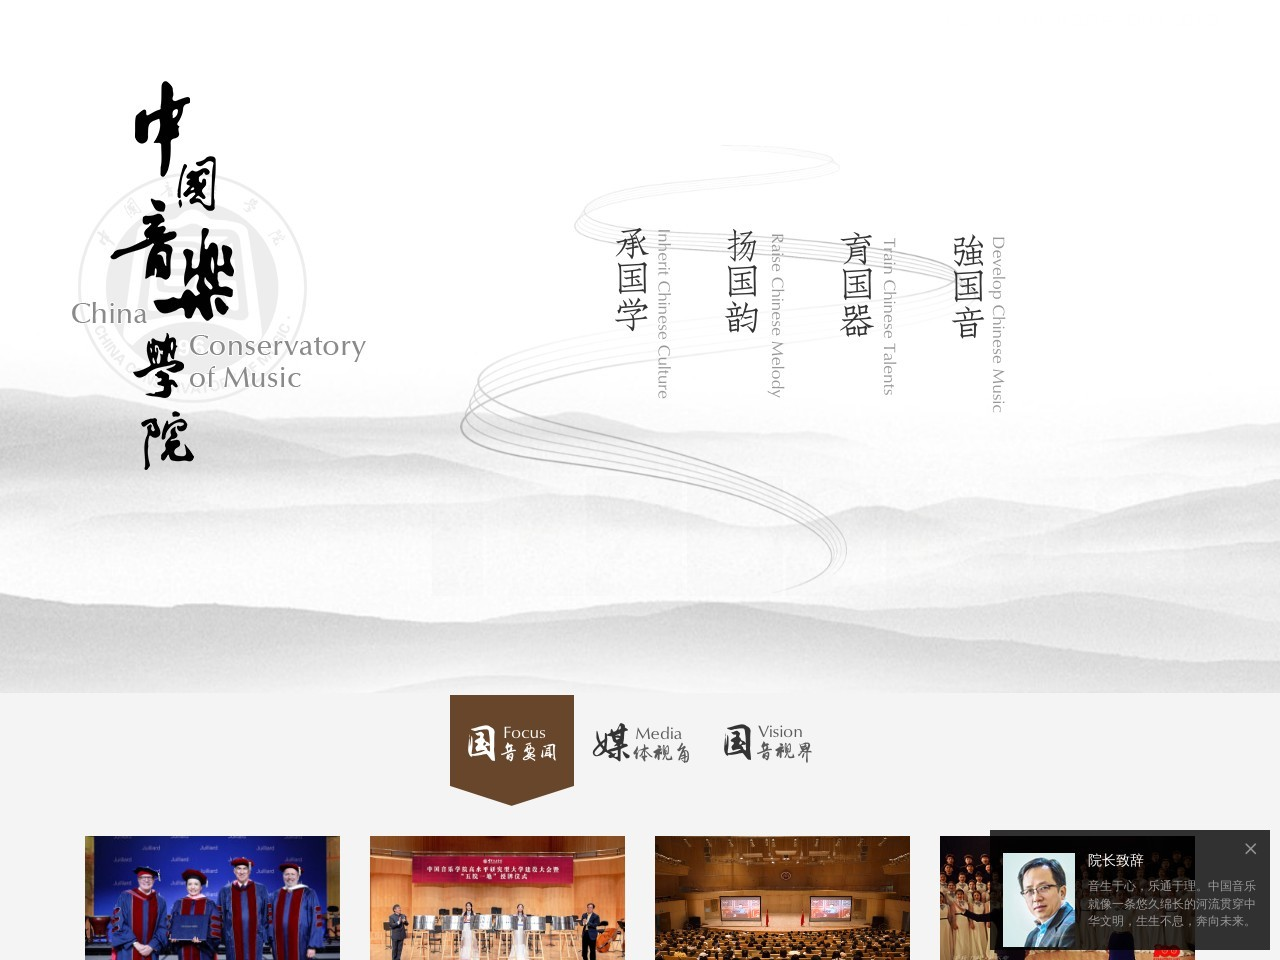 中国音乐学院官网